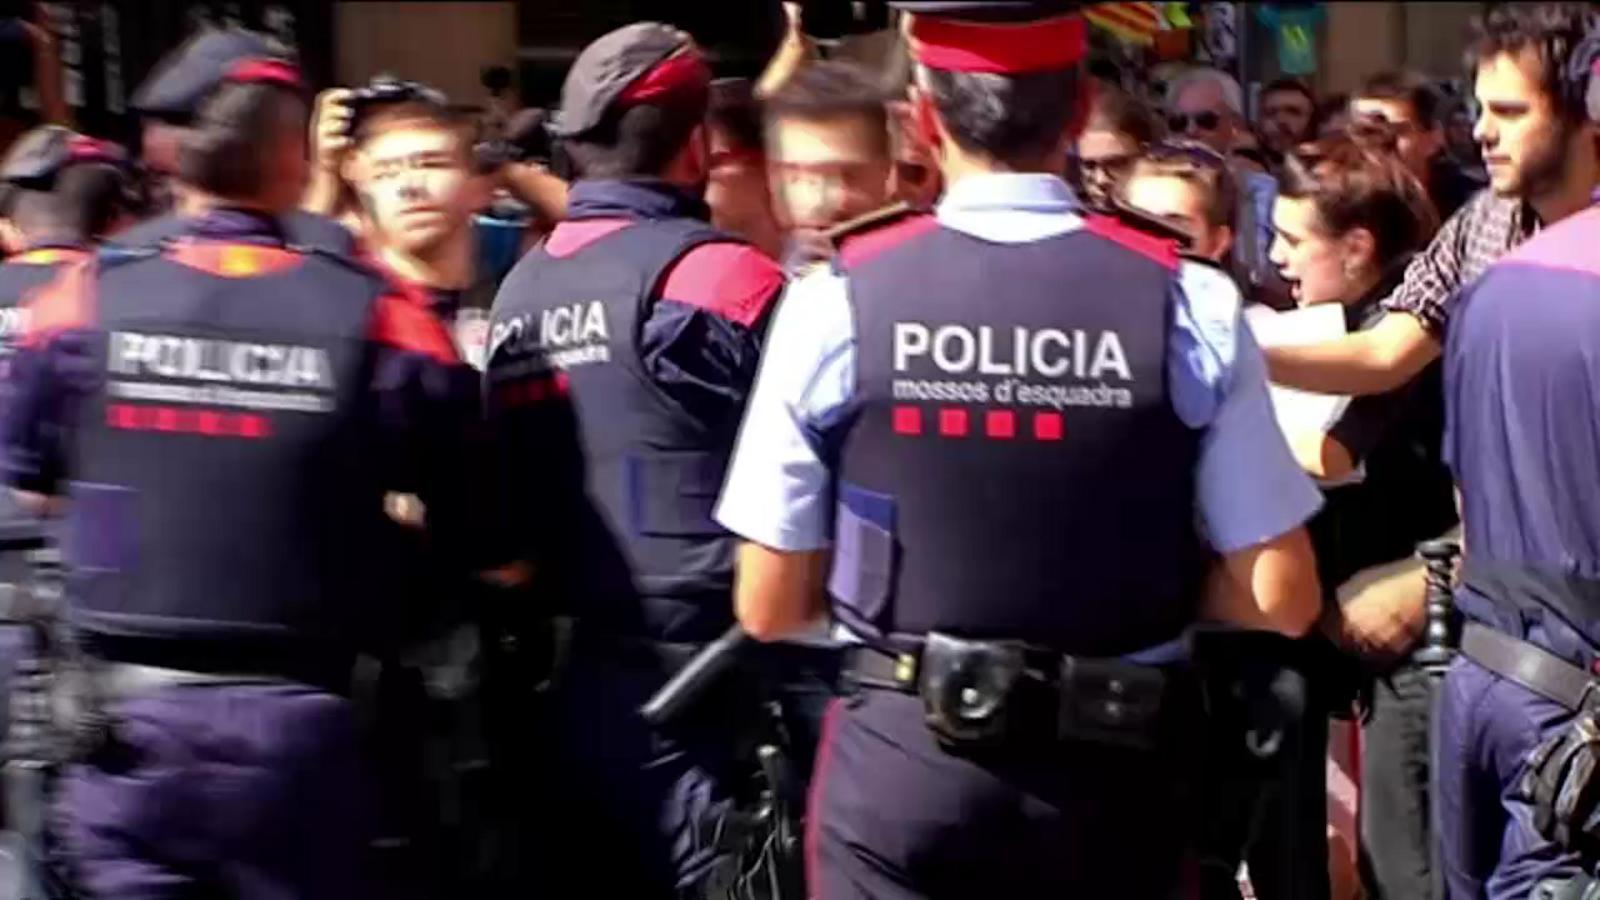 Aquest és el vídeo que Marchena ha vetat (i que desmunta el testimoni del Guàrdia Civil que negava la cooperació dels Mossos)